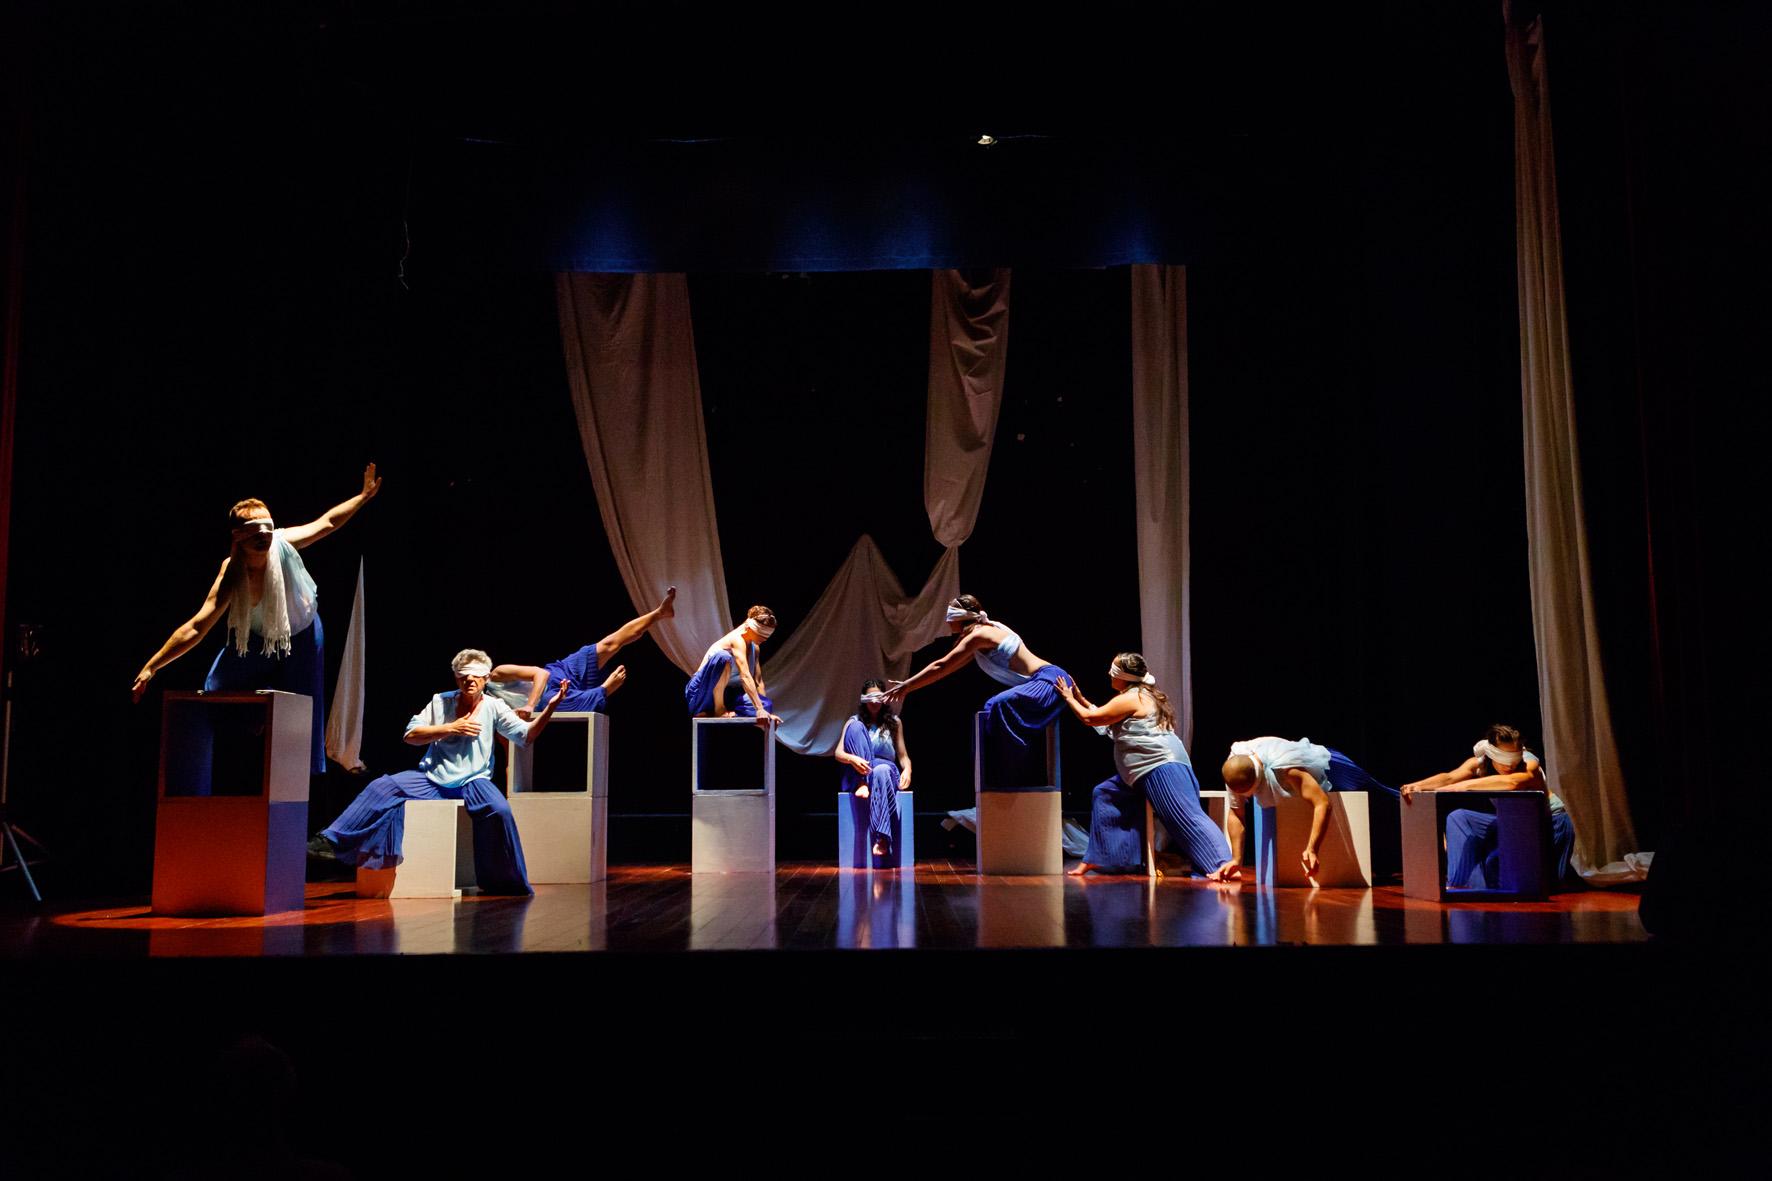 muestra-final-de-curso-escuela-municipal-de-teatro-6